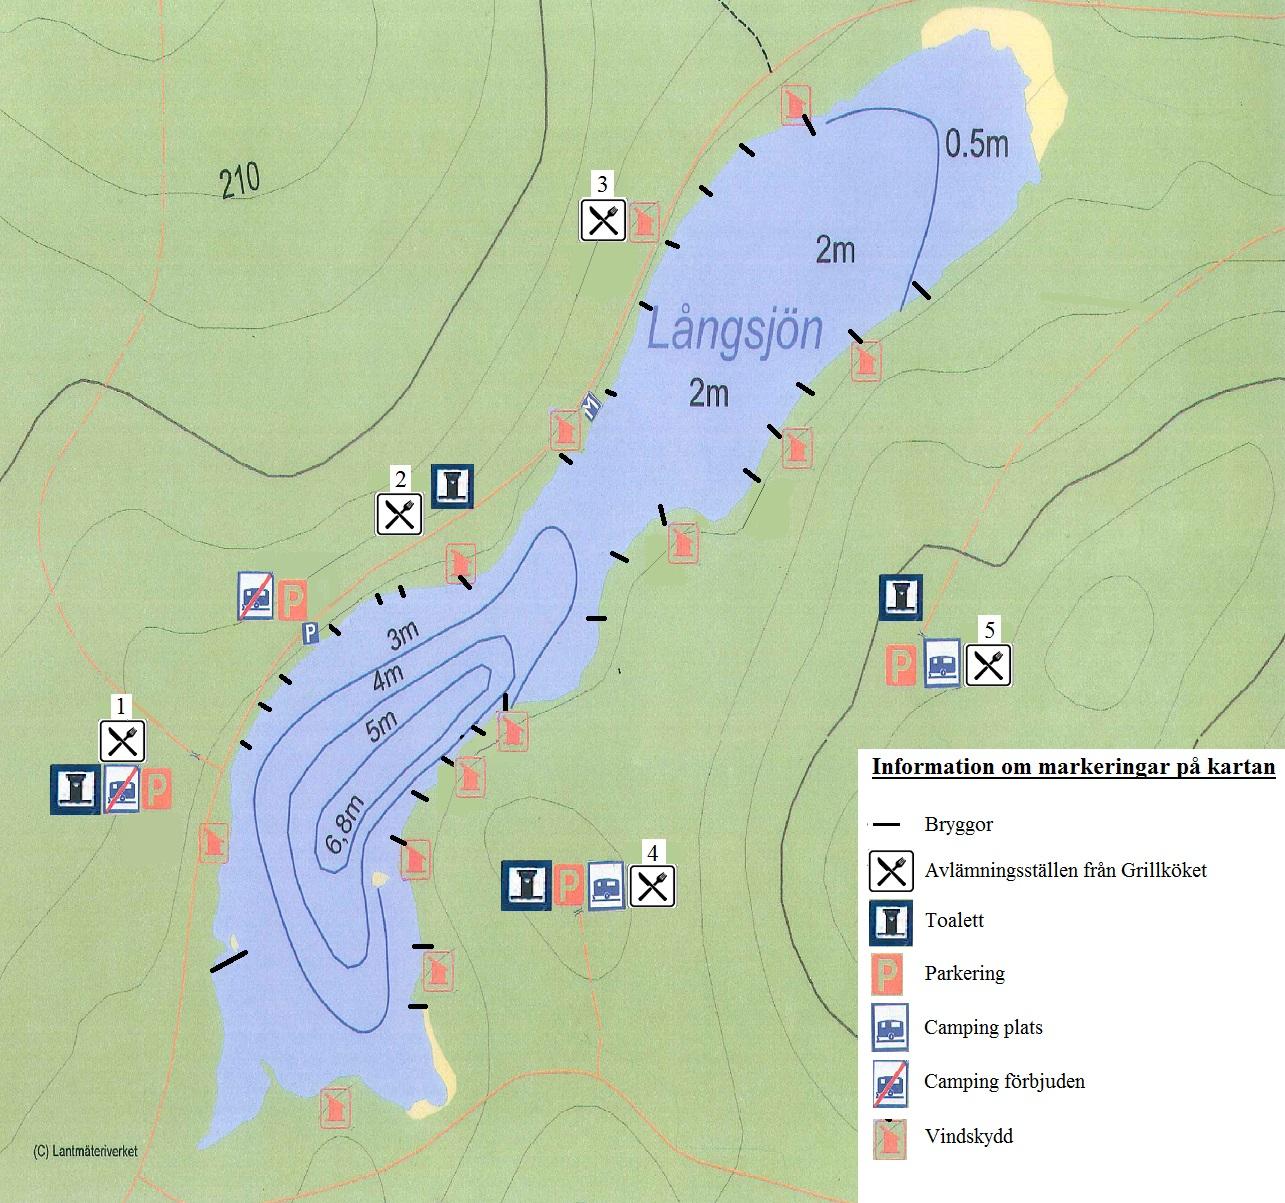 långsjön karta Karta Hubolångsjön långsjön karta